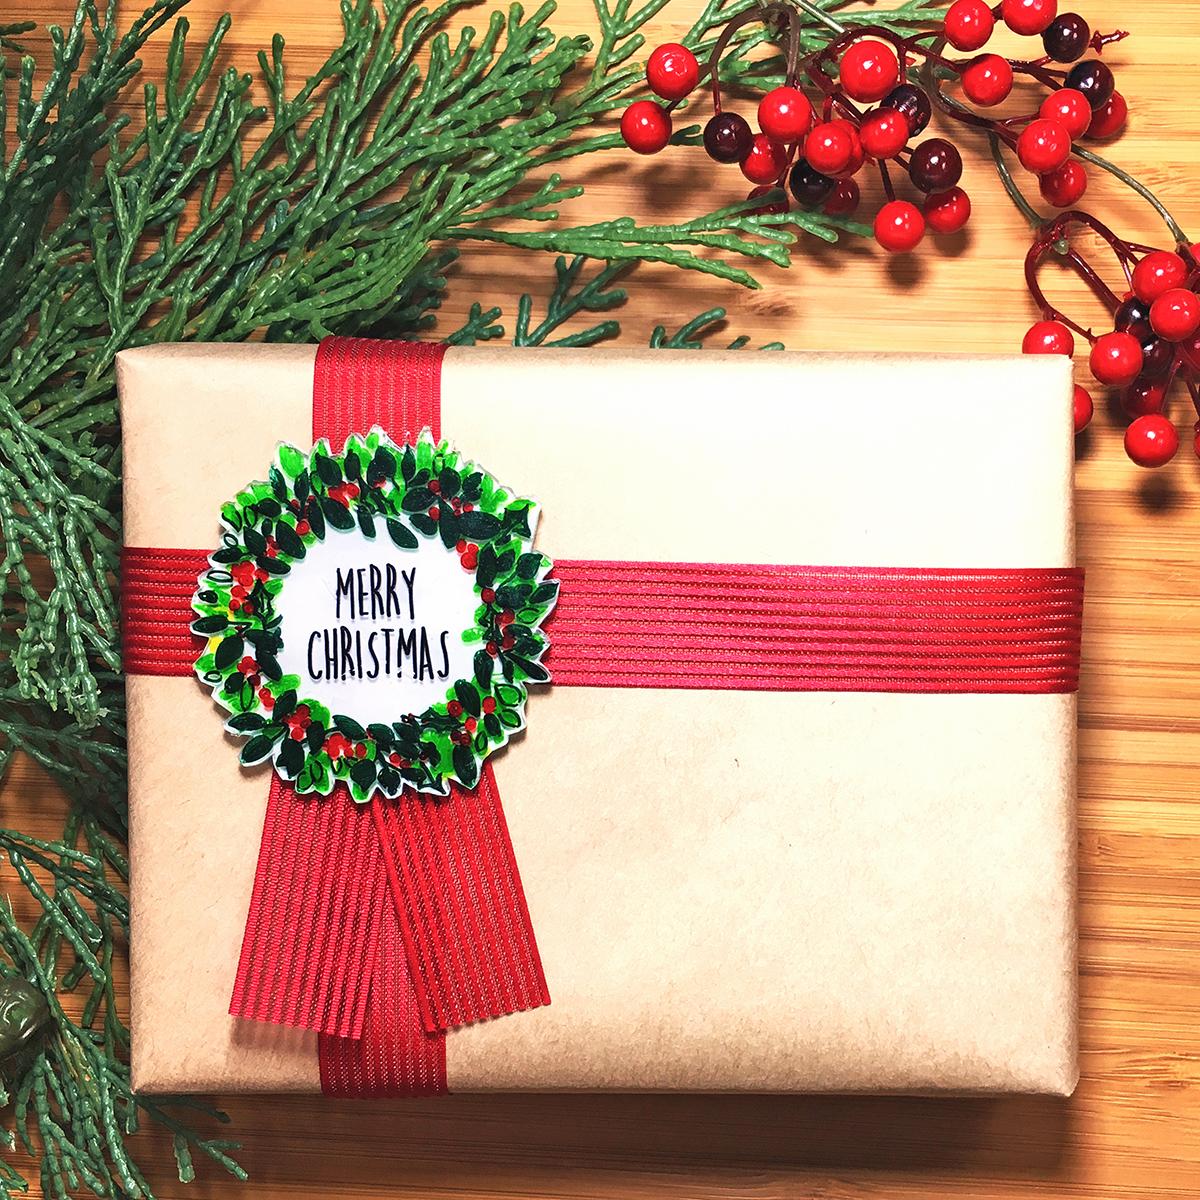 【デザイン無料配布中】プラバンロゼットをつくろう-クリスマス編-<br>|by ARCH DAYS編集部